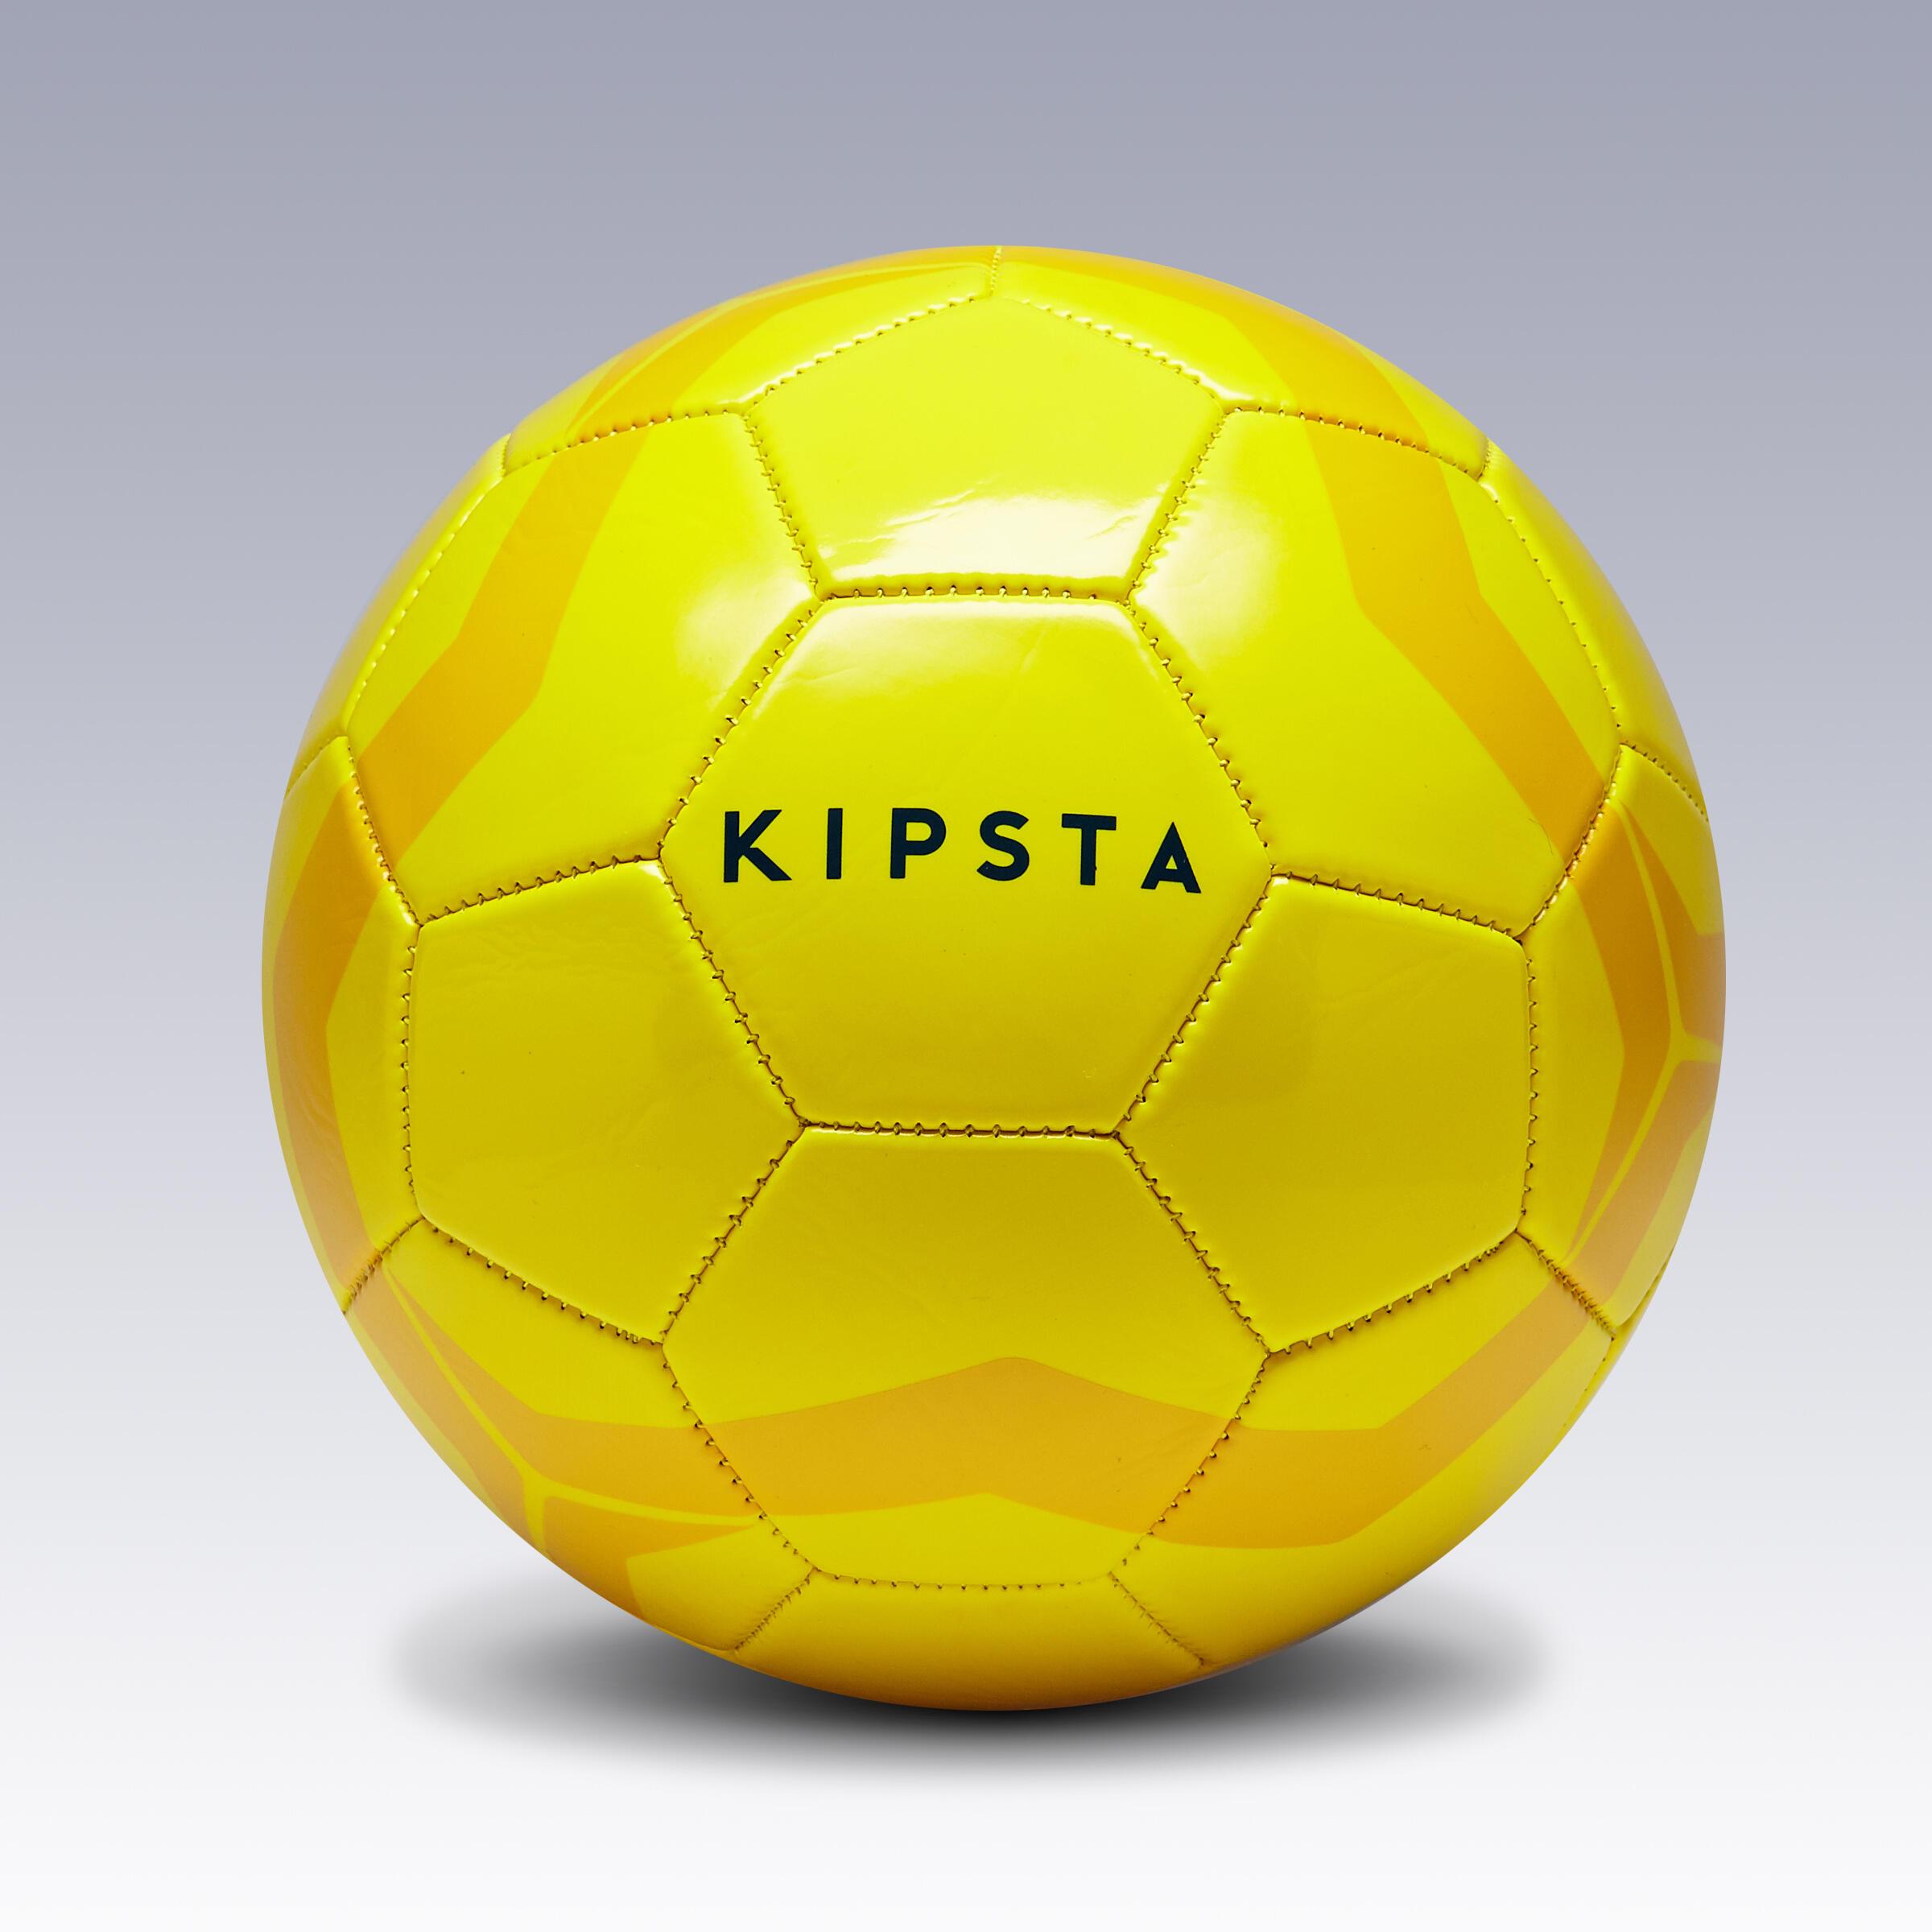 cc83085cbe105 Balón de fútbol first kick talla niños de años amarillo jpg 700x700 Kipsta  pelotas de nino